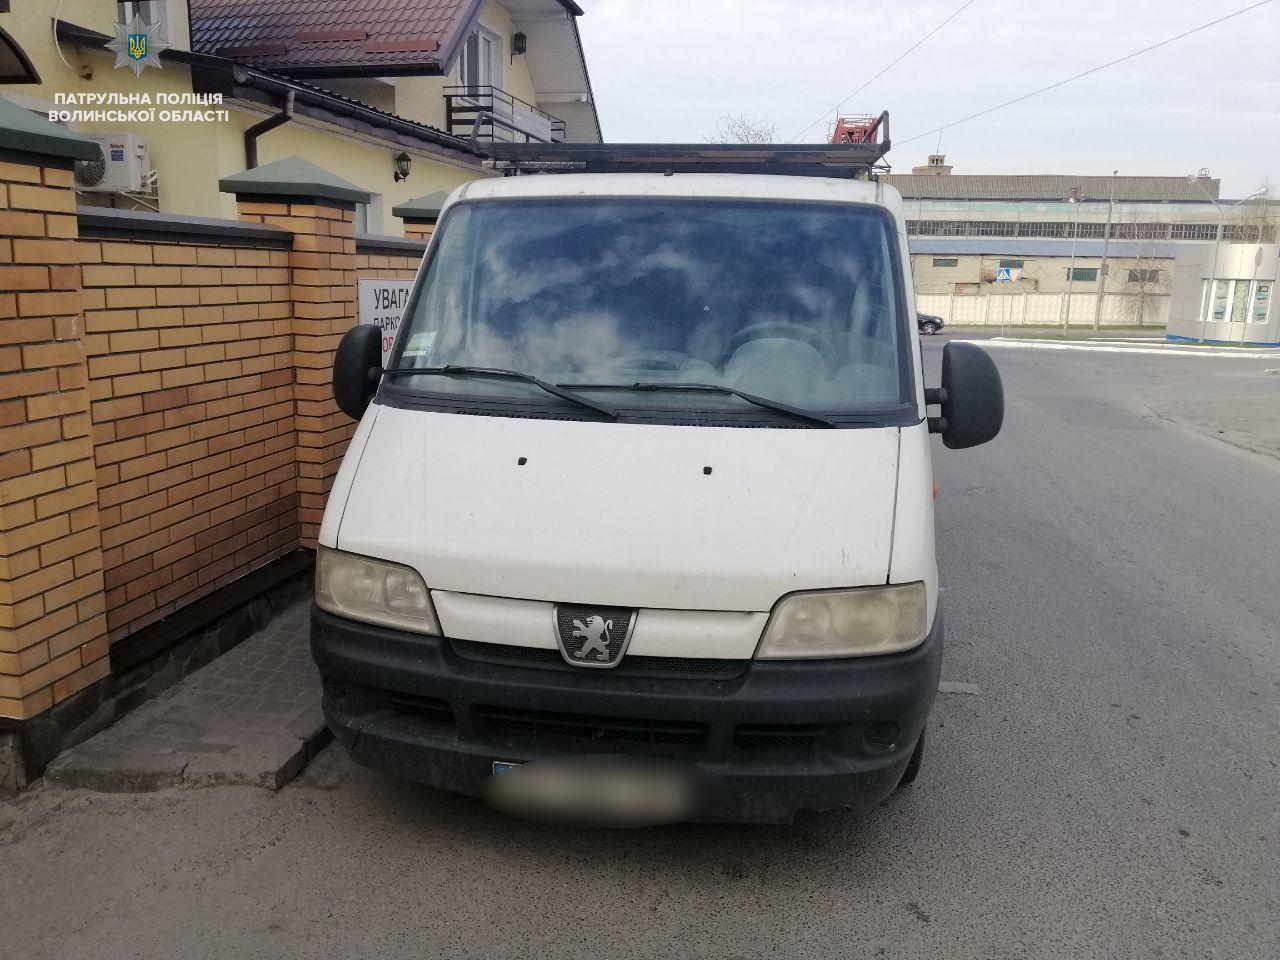 У Луцьку нетверезий кермувальник наїхав на припарковане авто. ФОТО